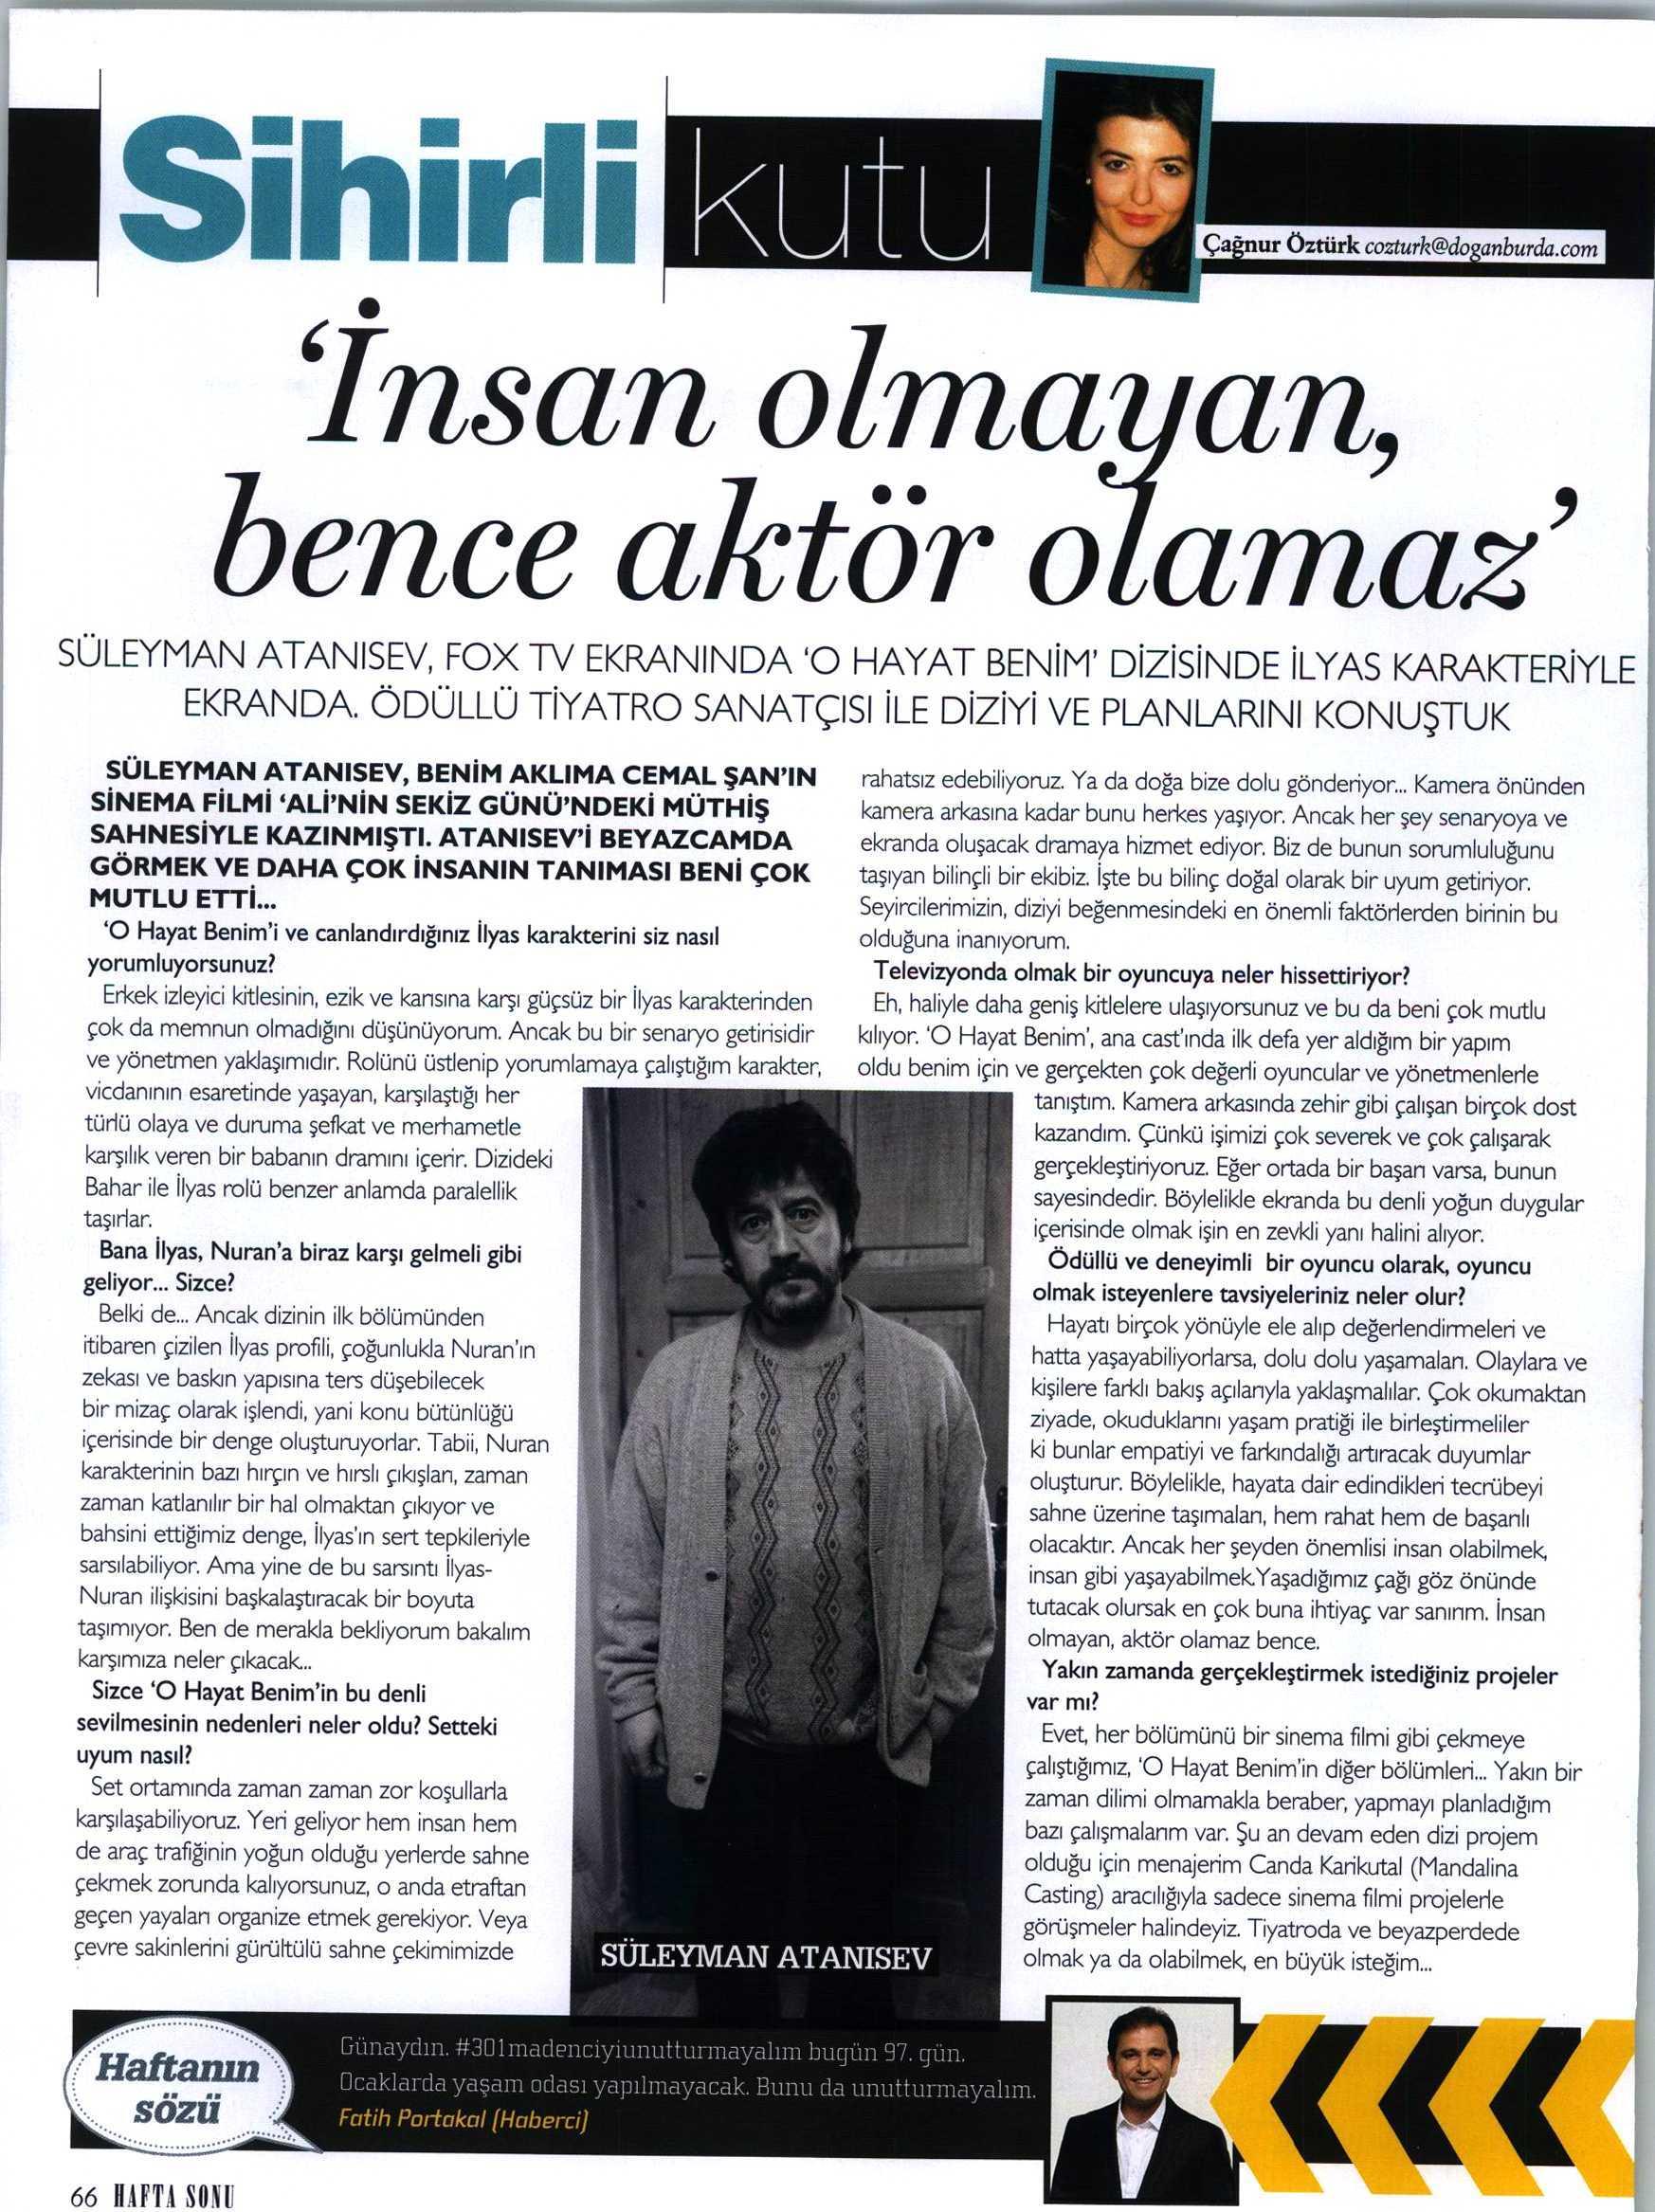 Süleyman Atanısev - Hafta Sonu Dergisi Röportajı